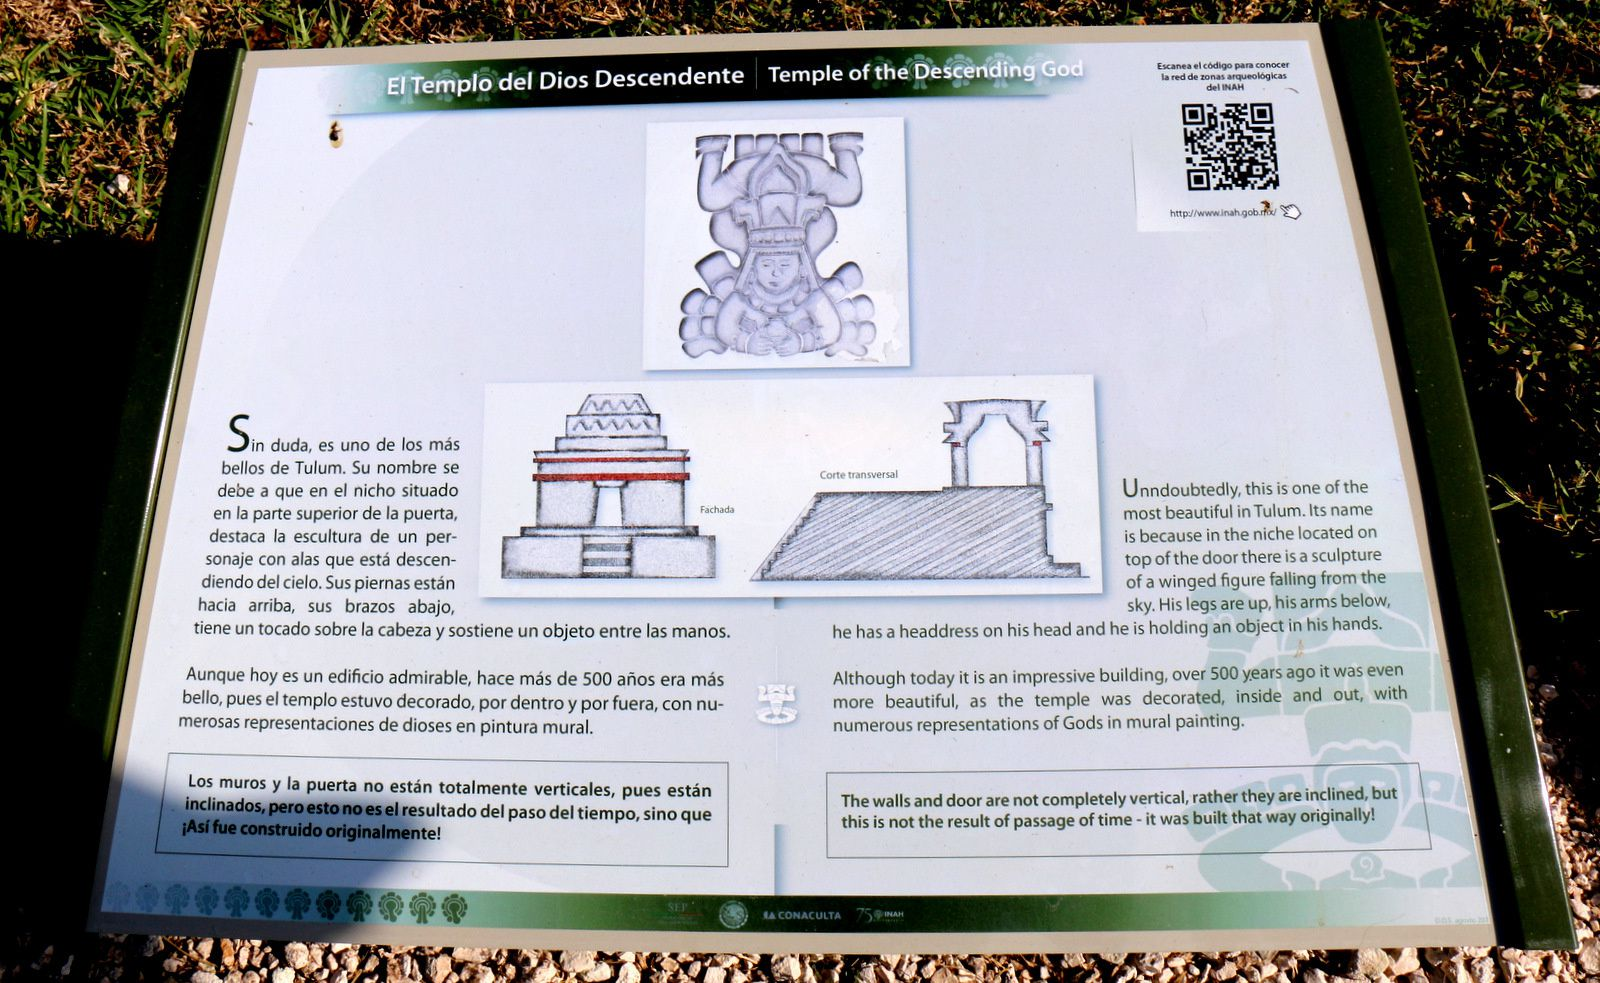 Temple du Dieu Descendant et Iguane, site archéologique de Tulum (Mexique)